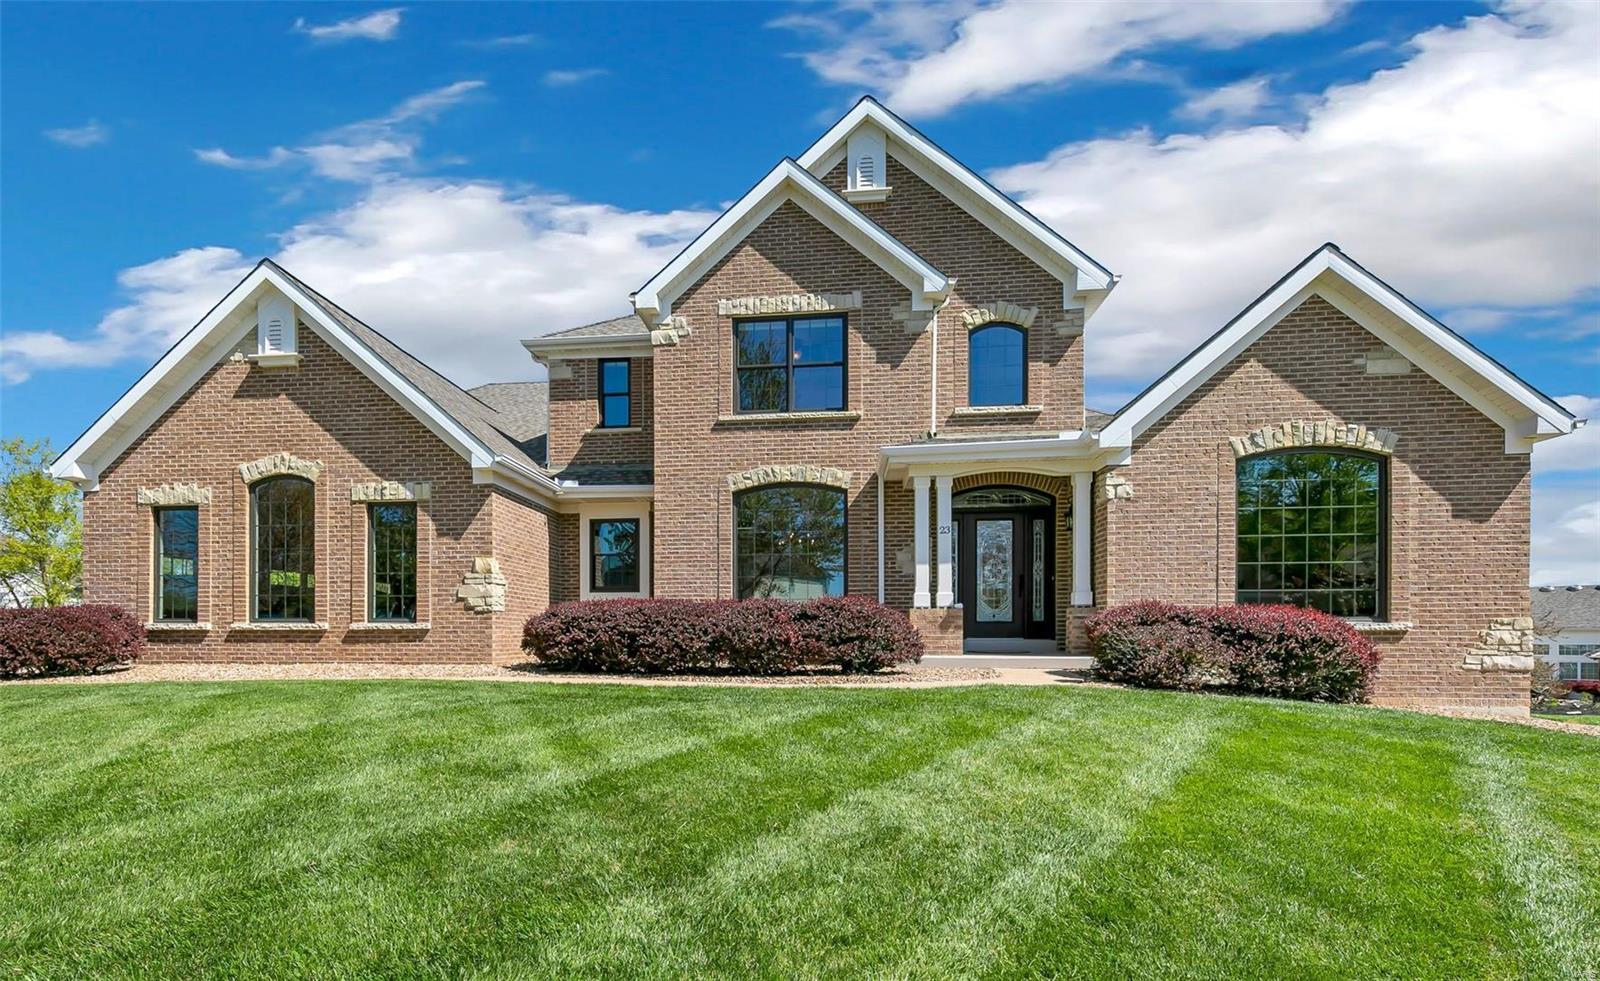 23 Eddleston Court Property Photo - Lake St Louis, MO real estate listing